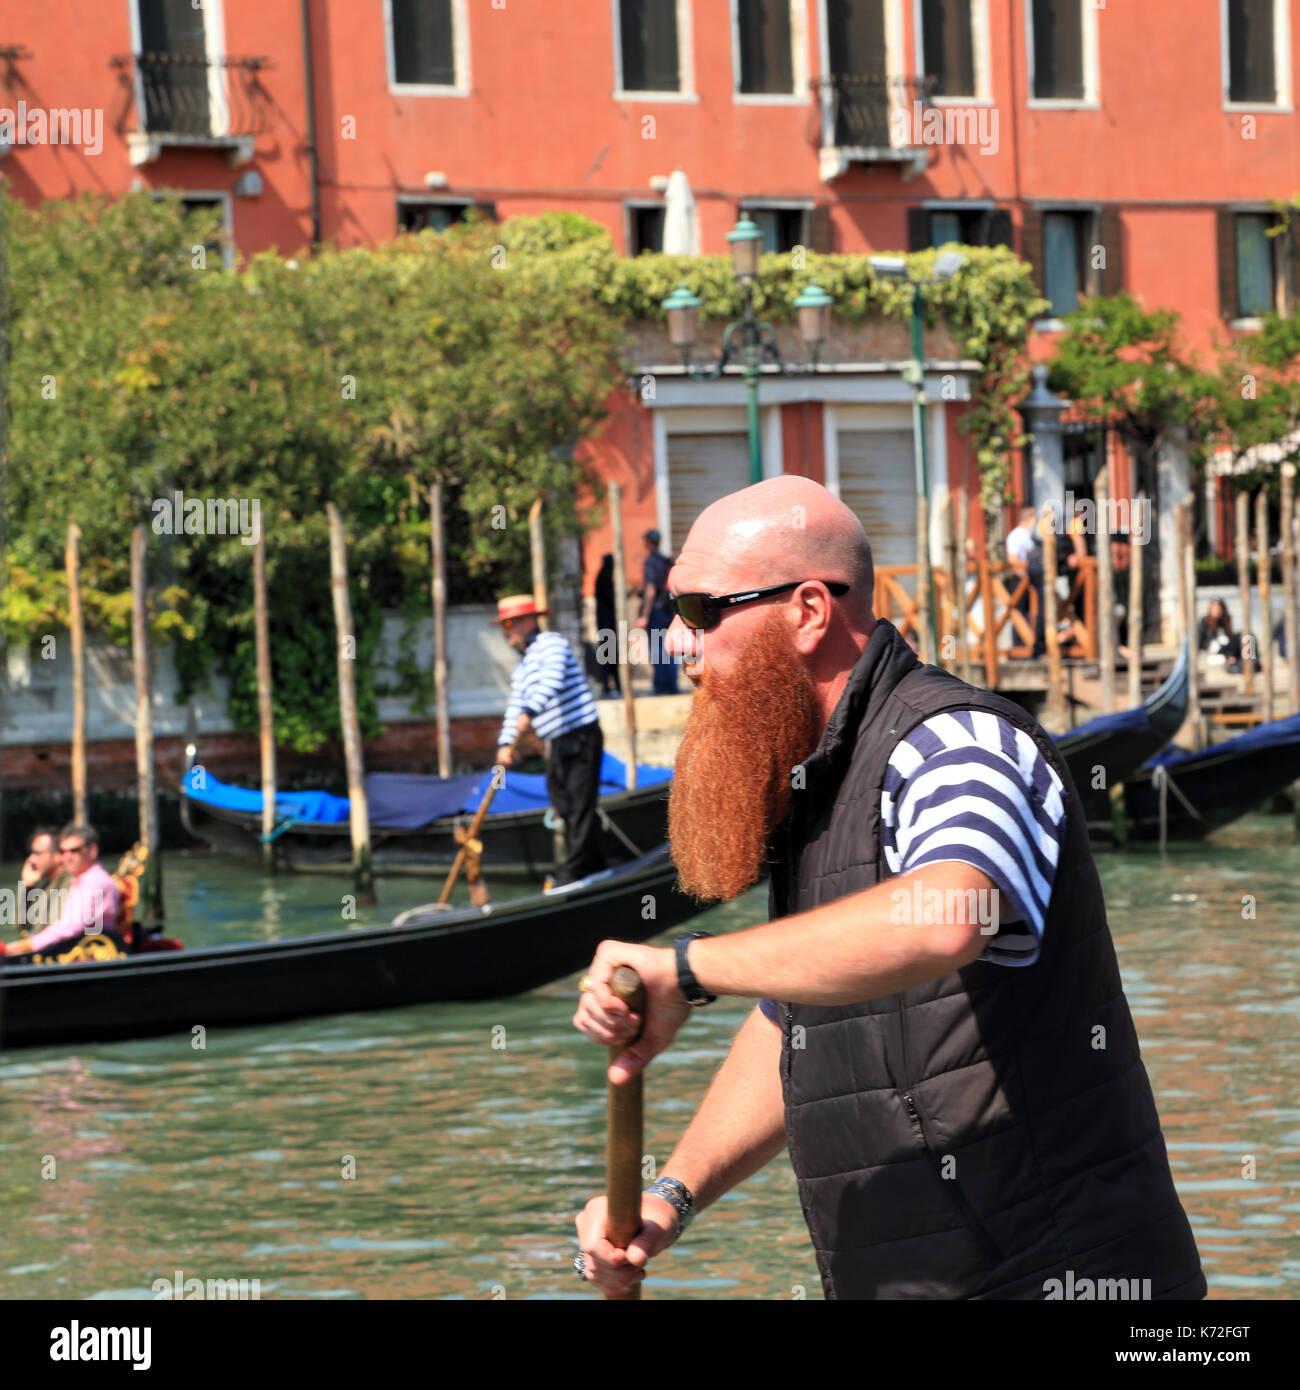 Gondolier in Venice - Stock Image